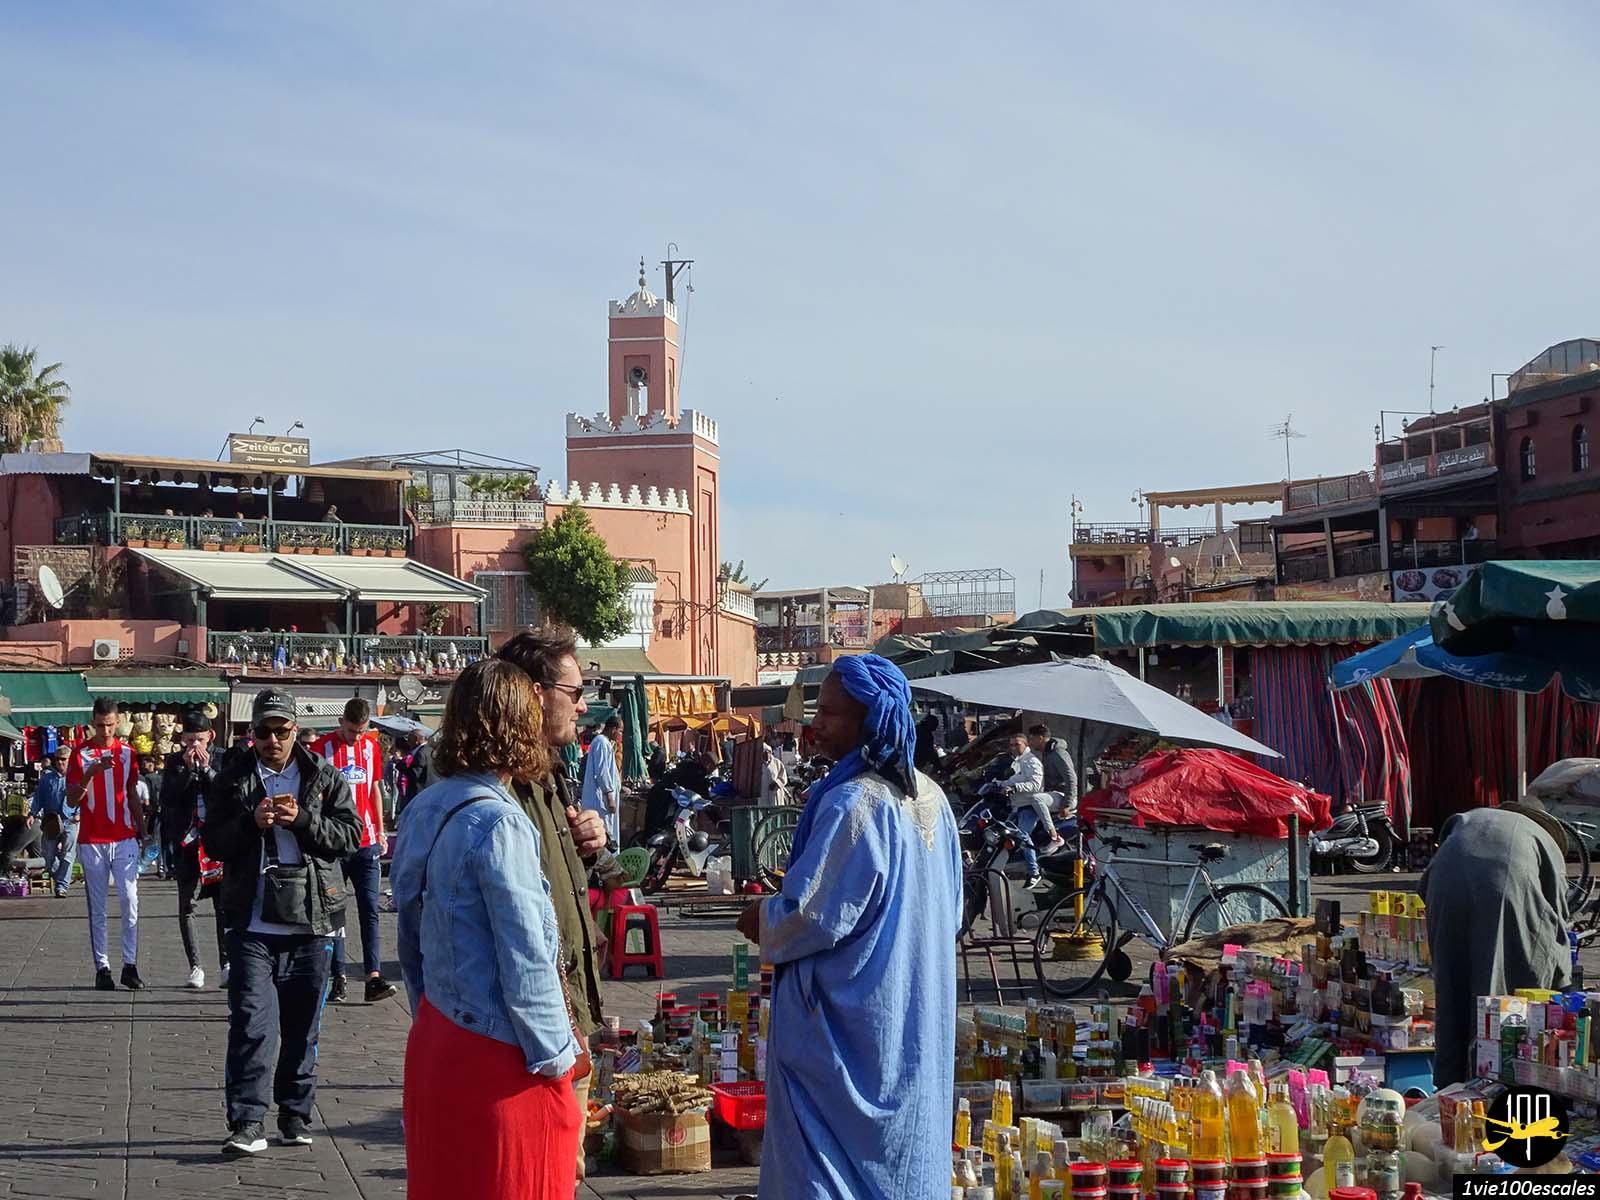 La célèbre Place Jemaa el-Fna de Marrakech avec ses vendeurs et charmeurs de serpents